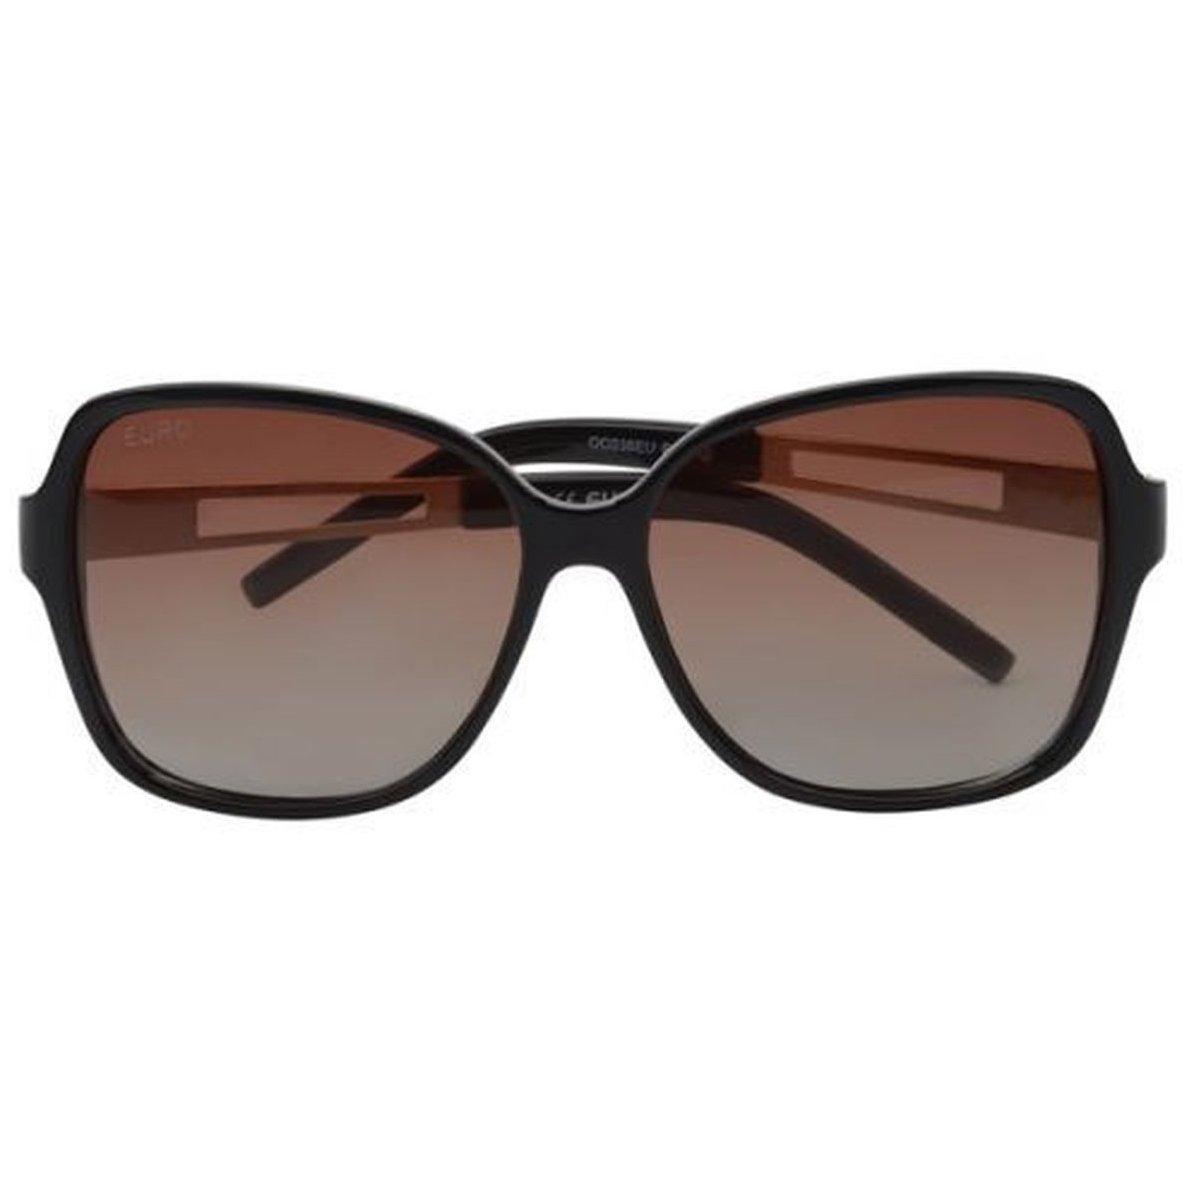 d1e93b30c48d6 Óculos De Sol Euro Feminino Oc036eu 2M - Compre Agora